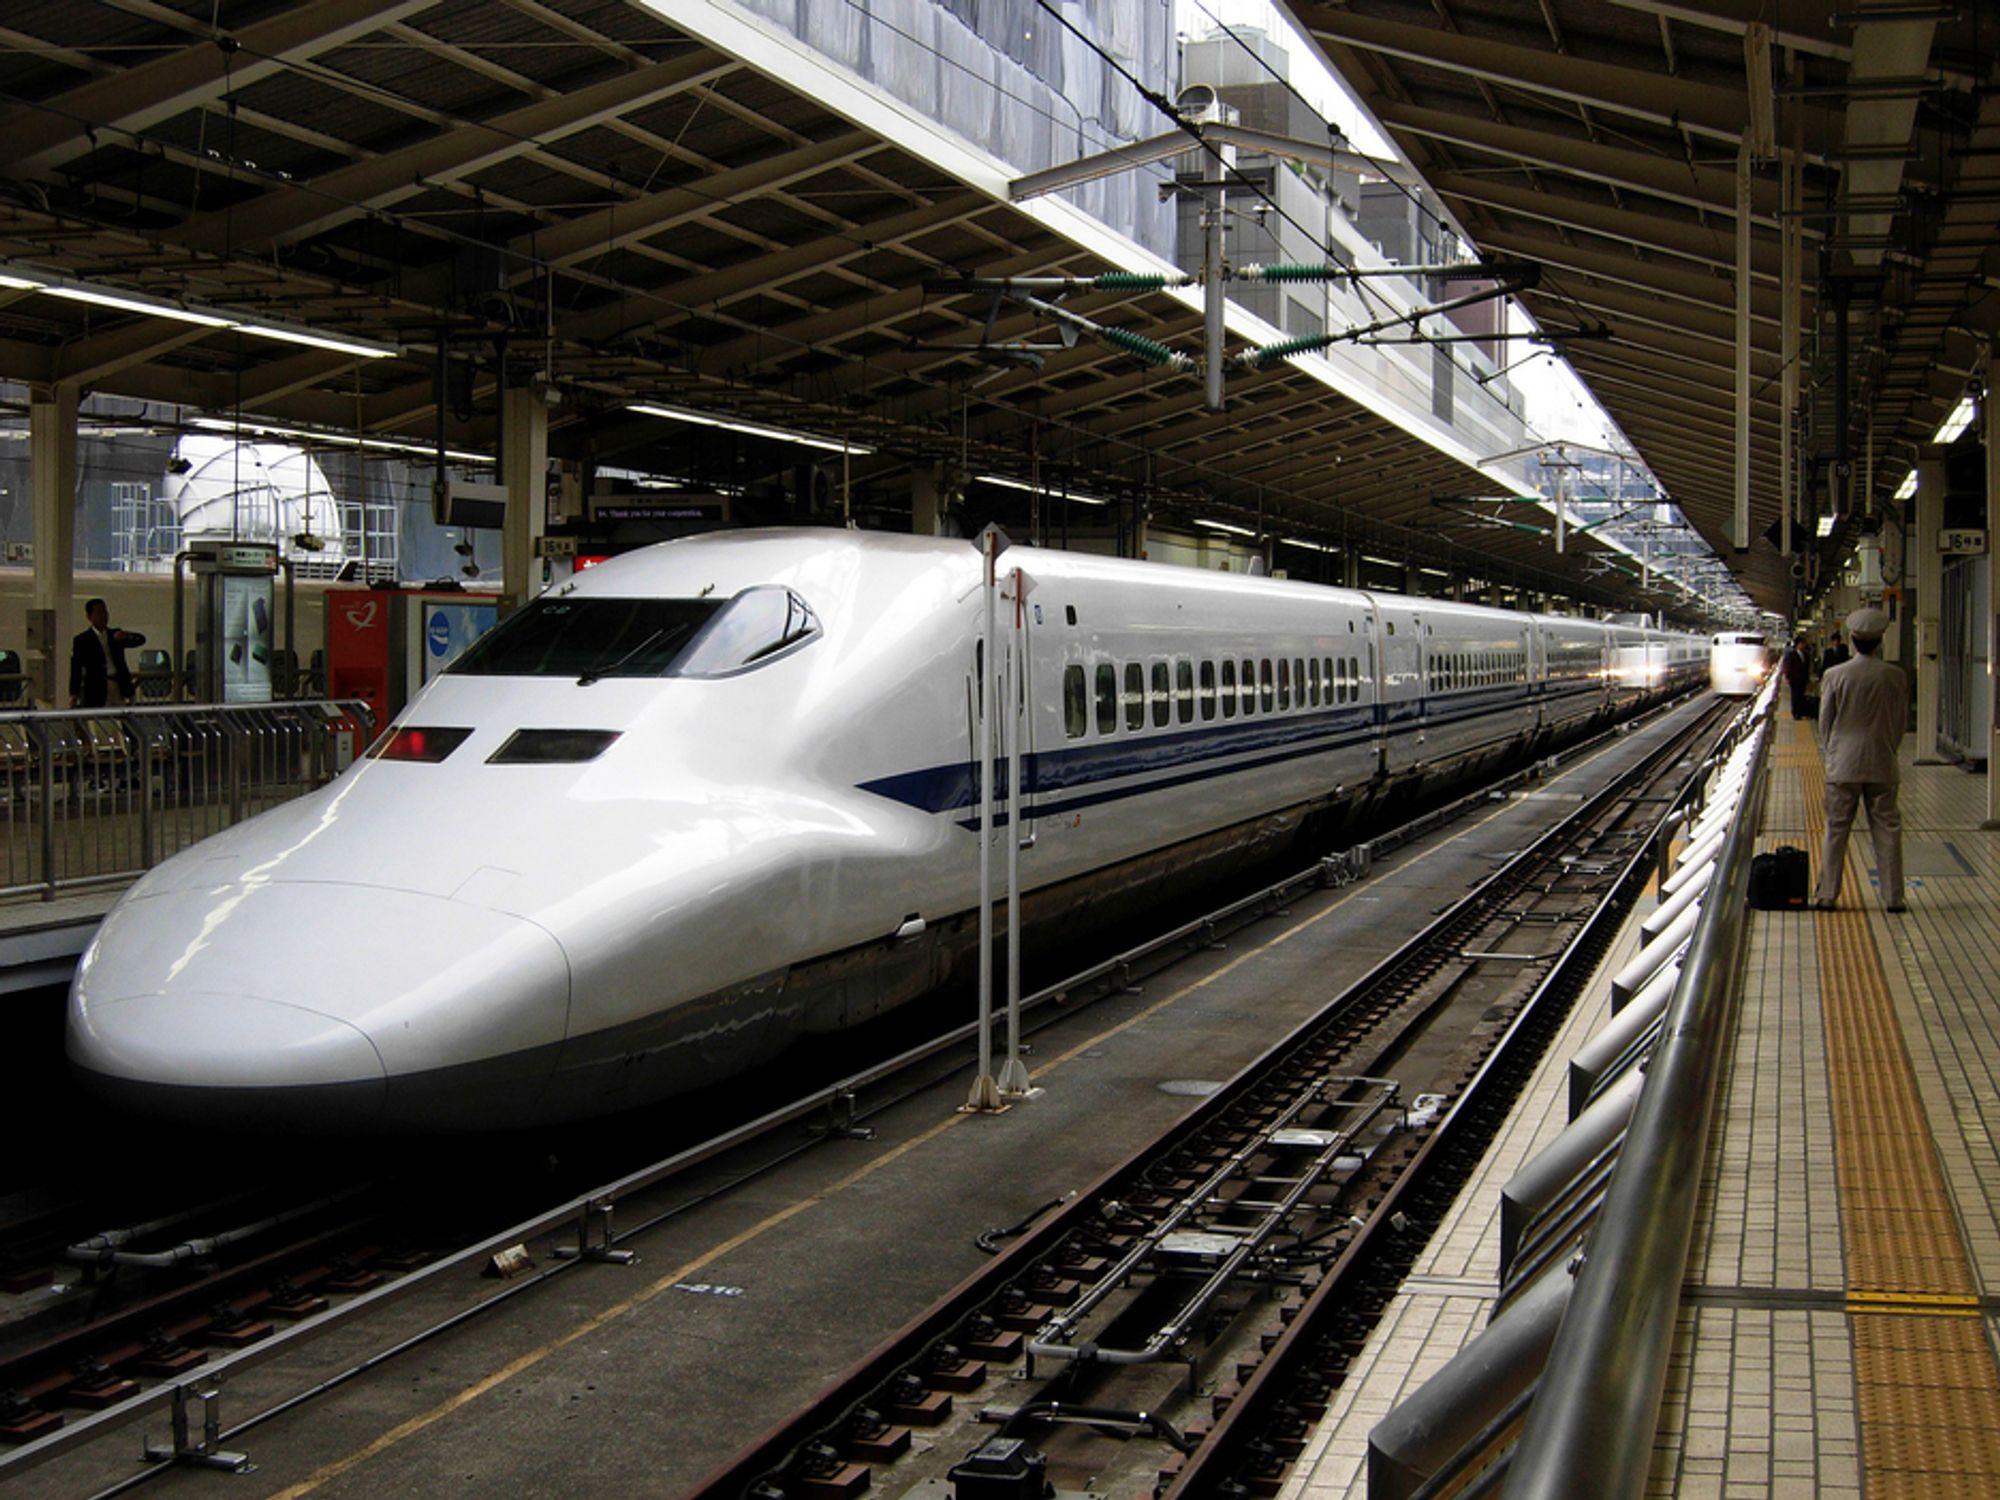 PUNKTLIG: Hikari Shinkansen venter på neste avgang. Du kan stille klokken etter disse togene.